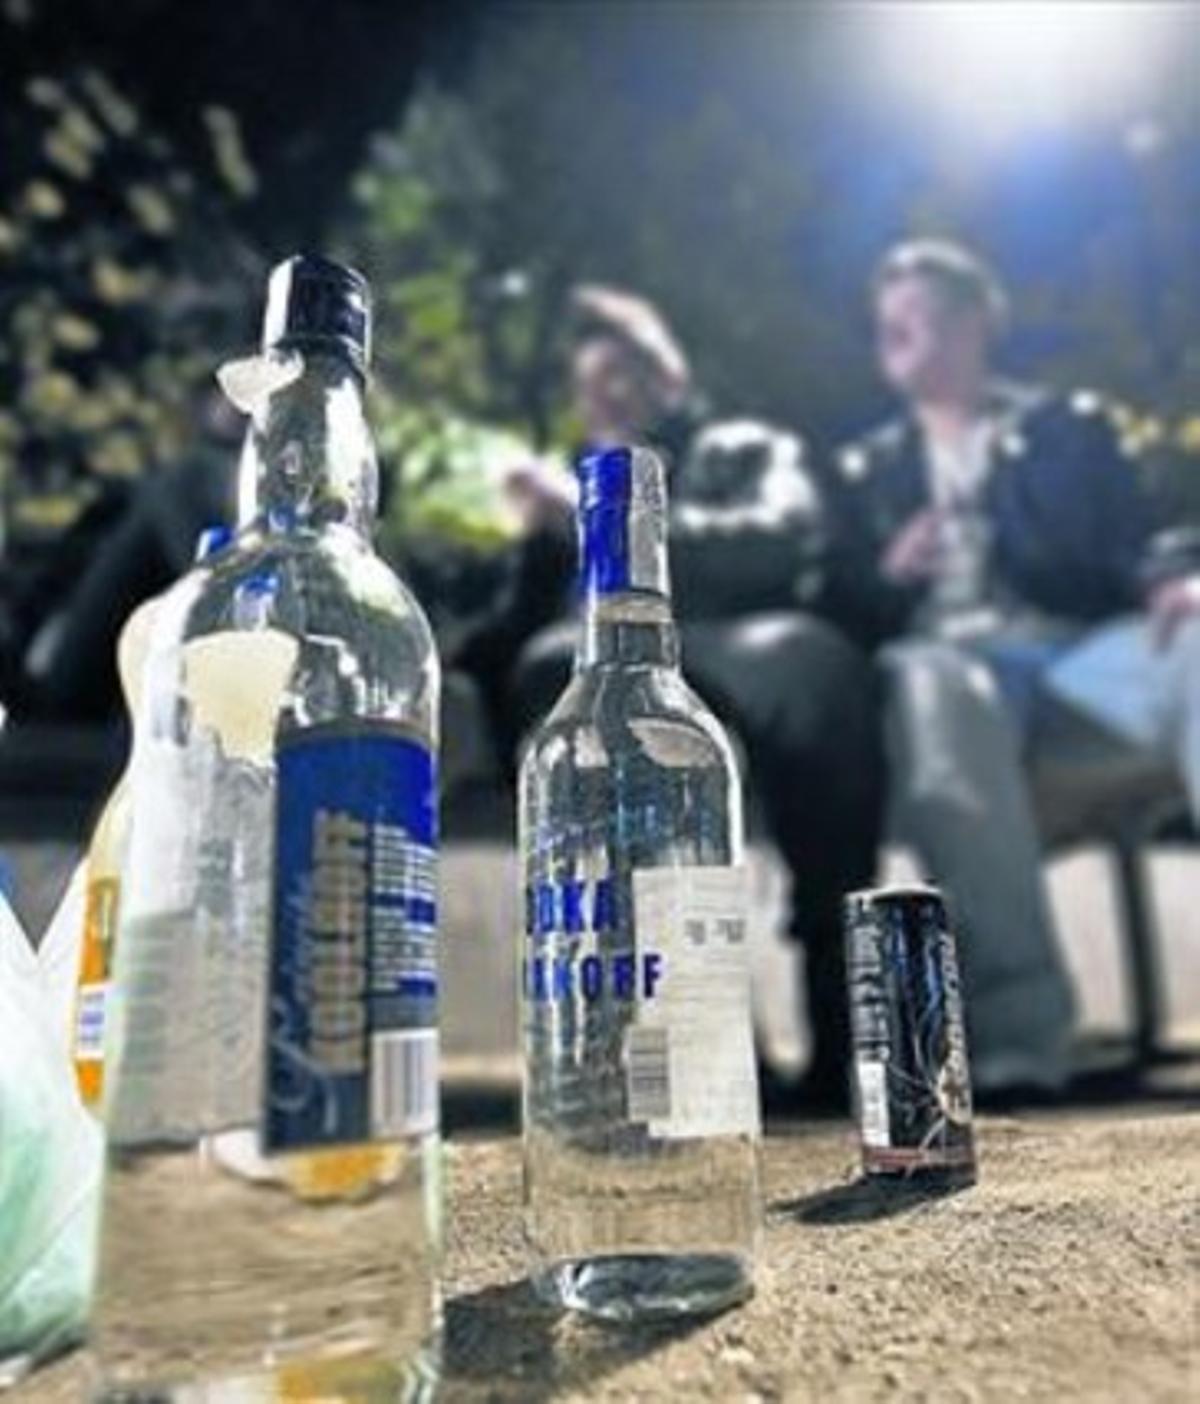 Jóvenes y botellas de alcohol en la plaza de Letamendi.